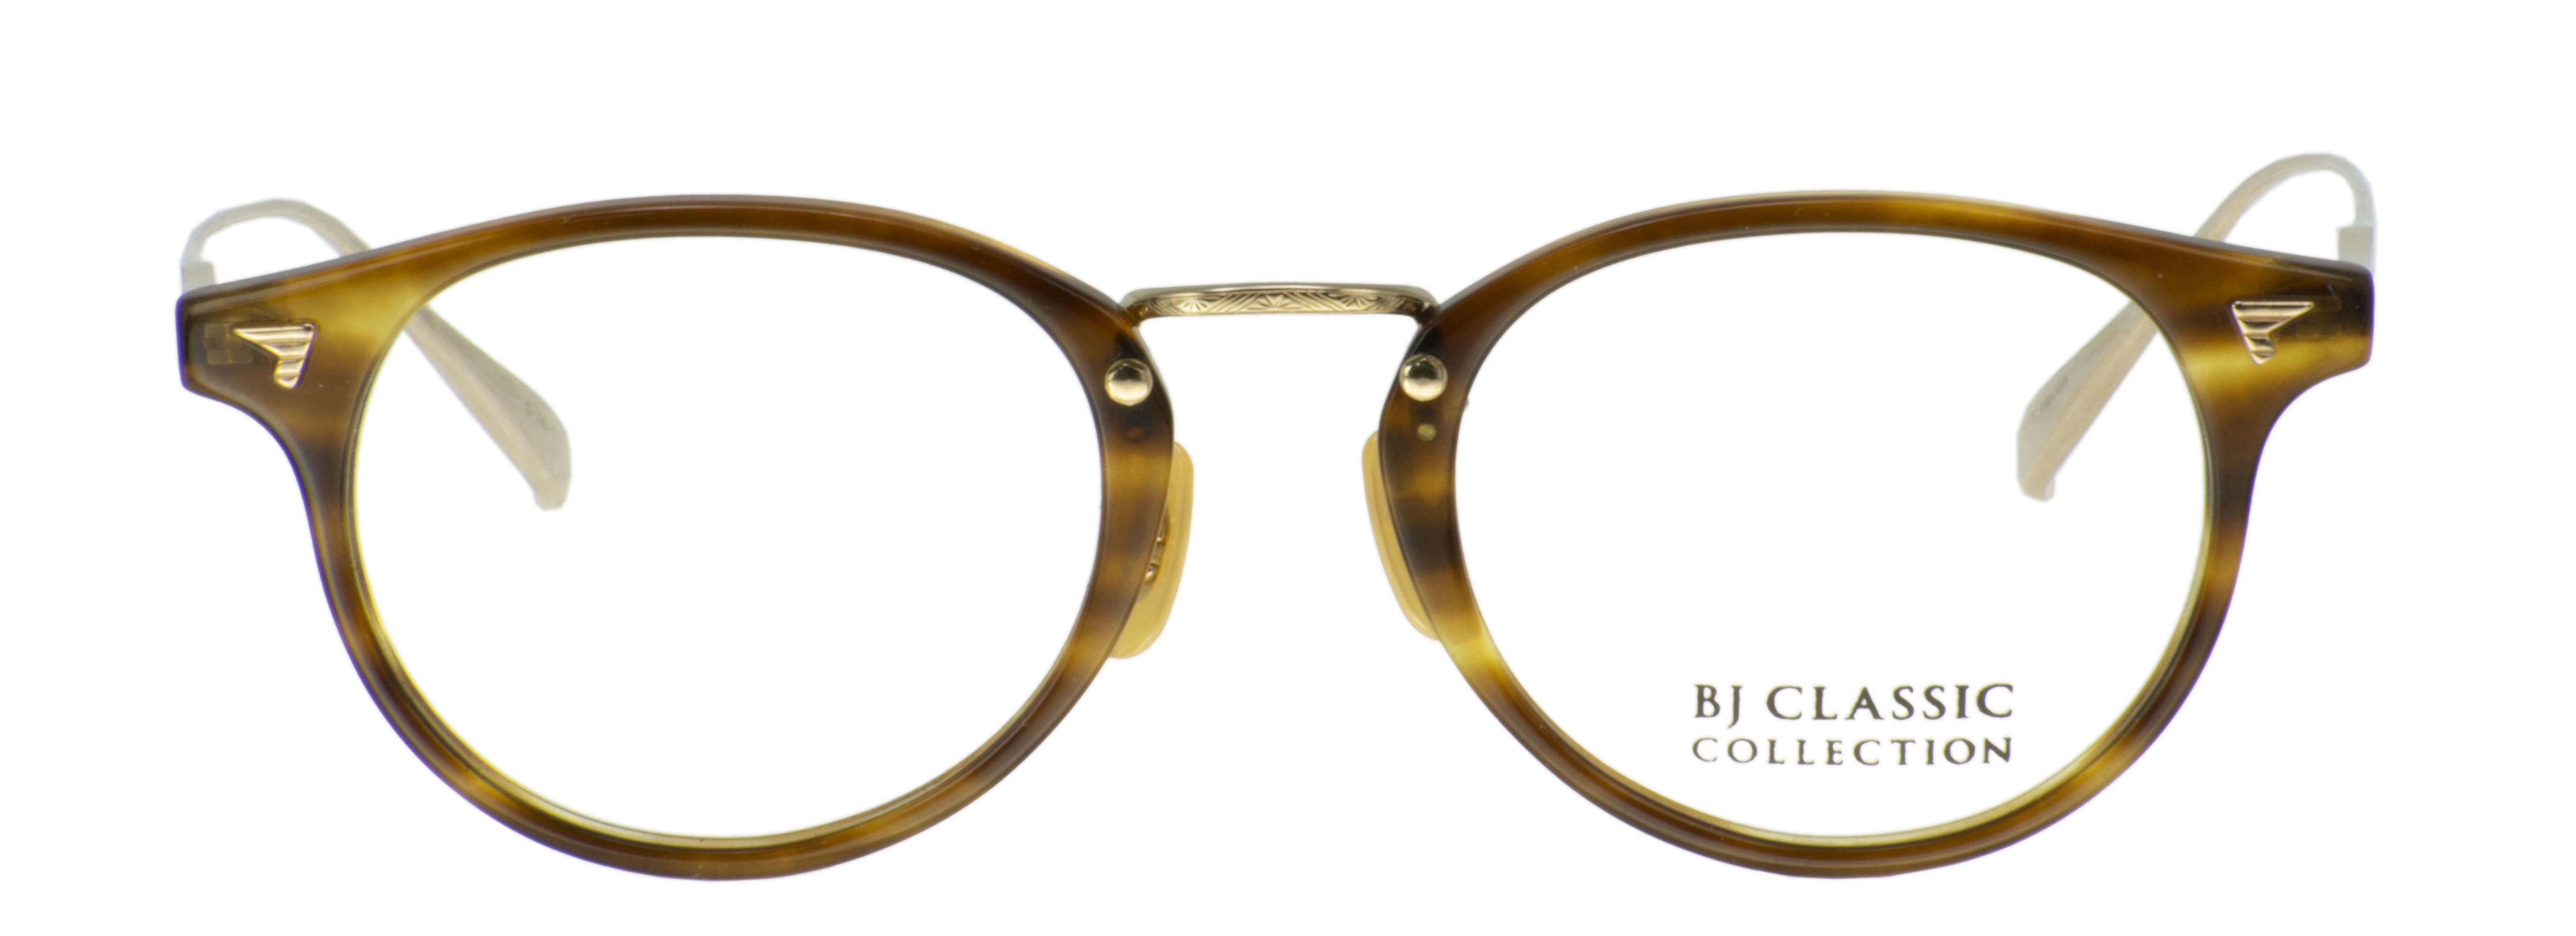 BJ COM-510ALT 16-1 46¥32,000 01